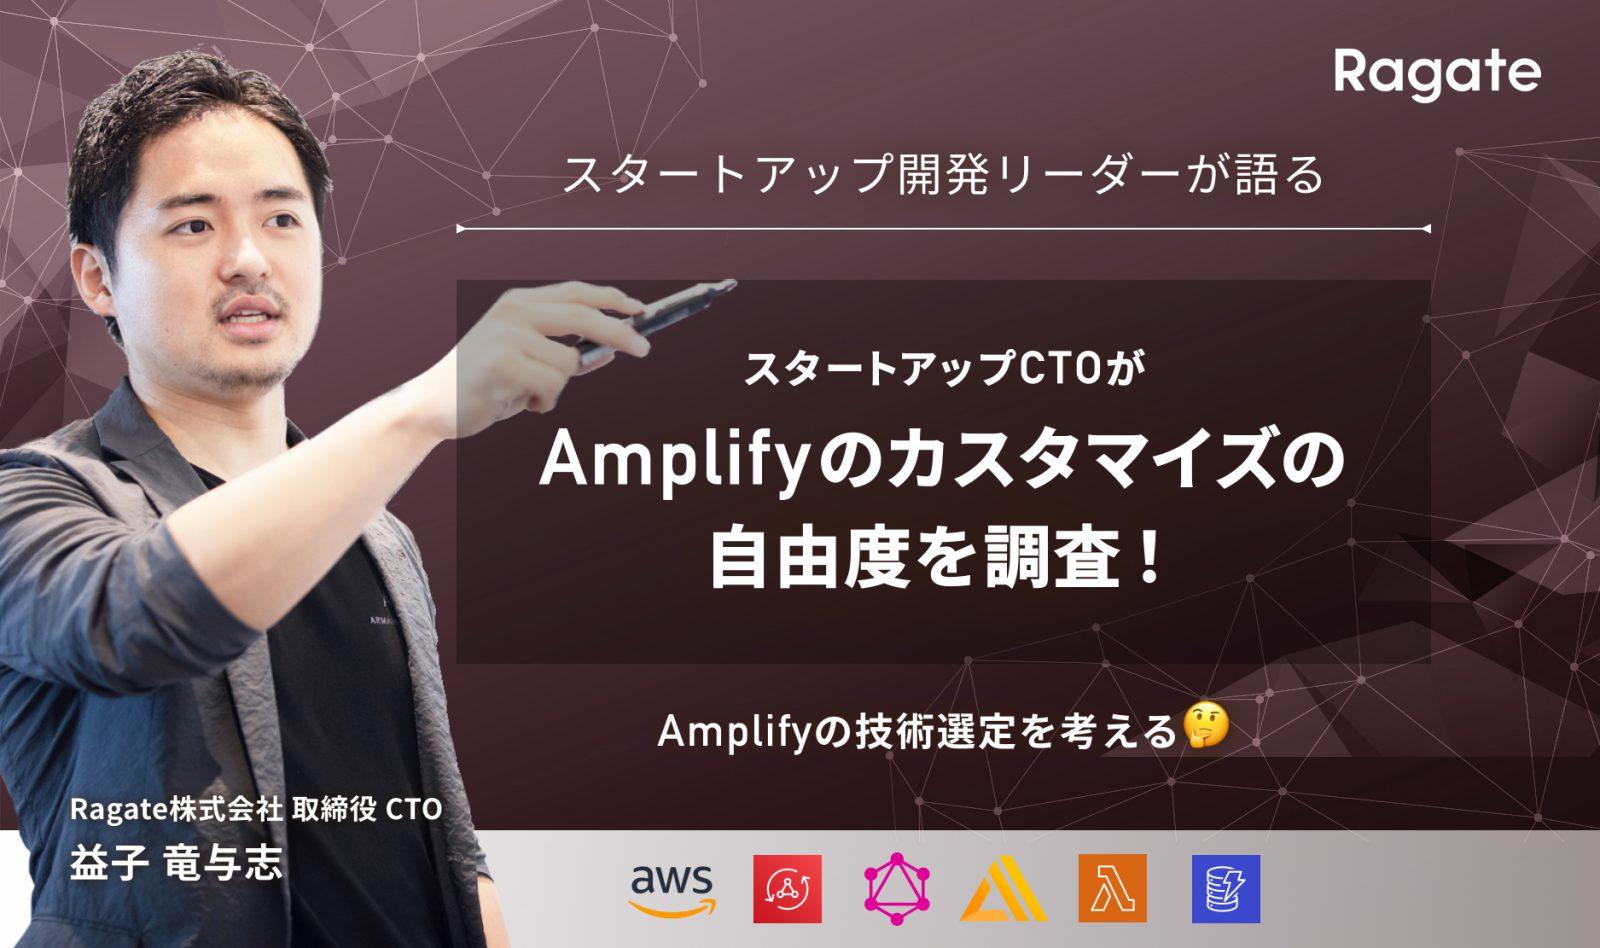 スタートアップCTOがAmplifyのカスタマイズの自由度を調査!Amplifyの技術選定を考える🤔